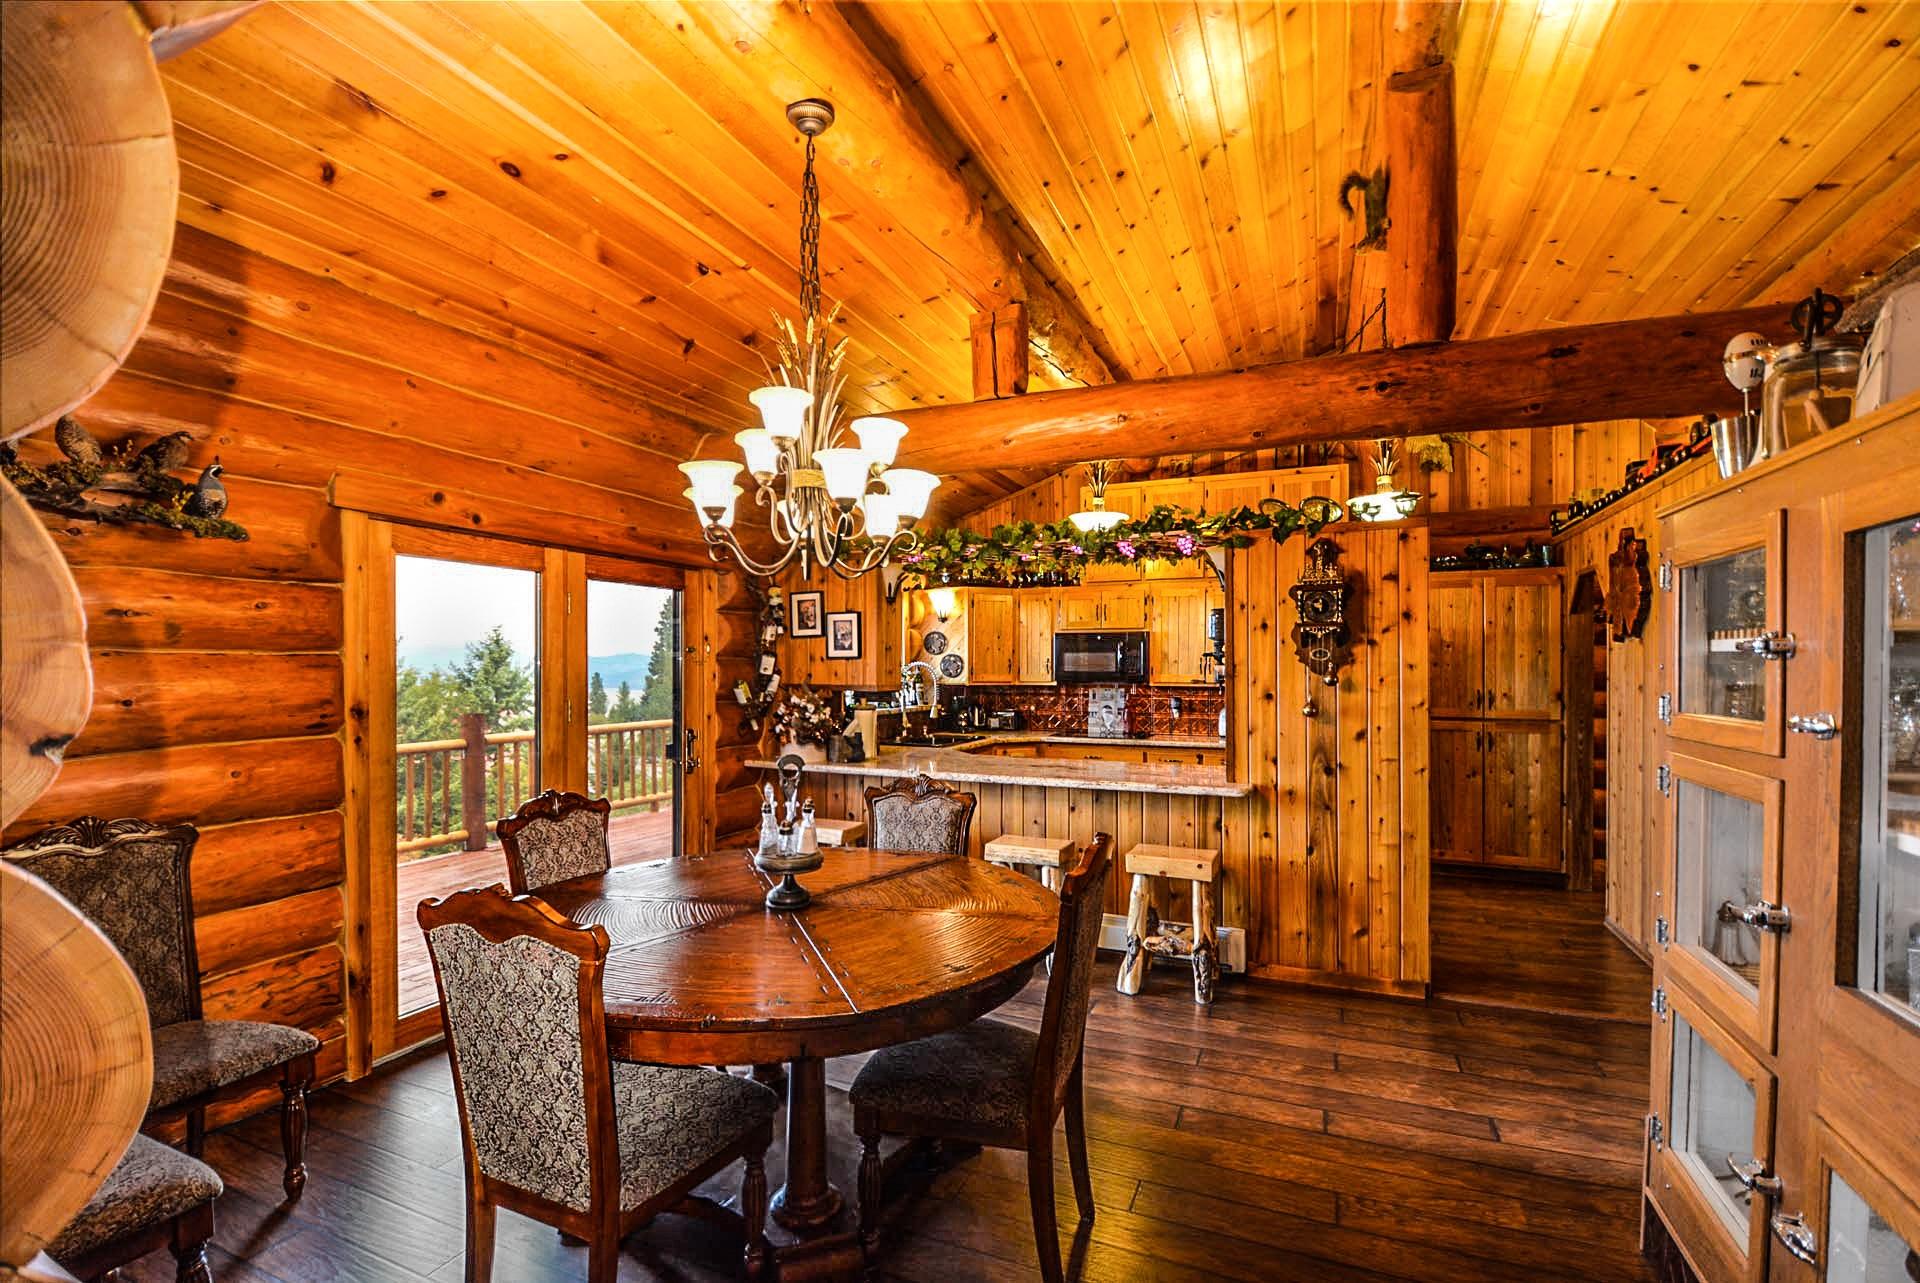 Images Gratuites : architecture, bois, maison, intérieur, rustique ...